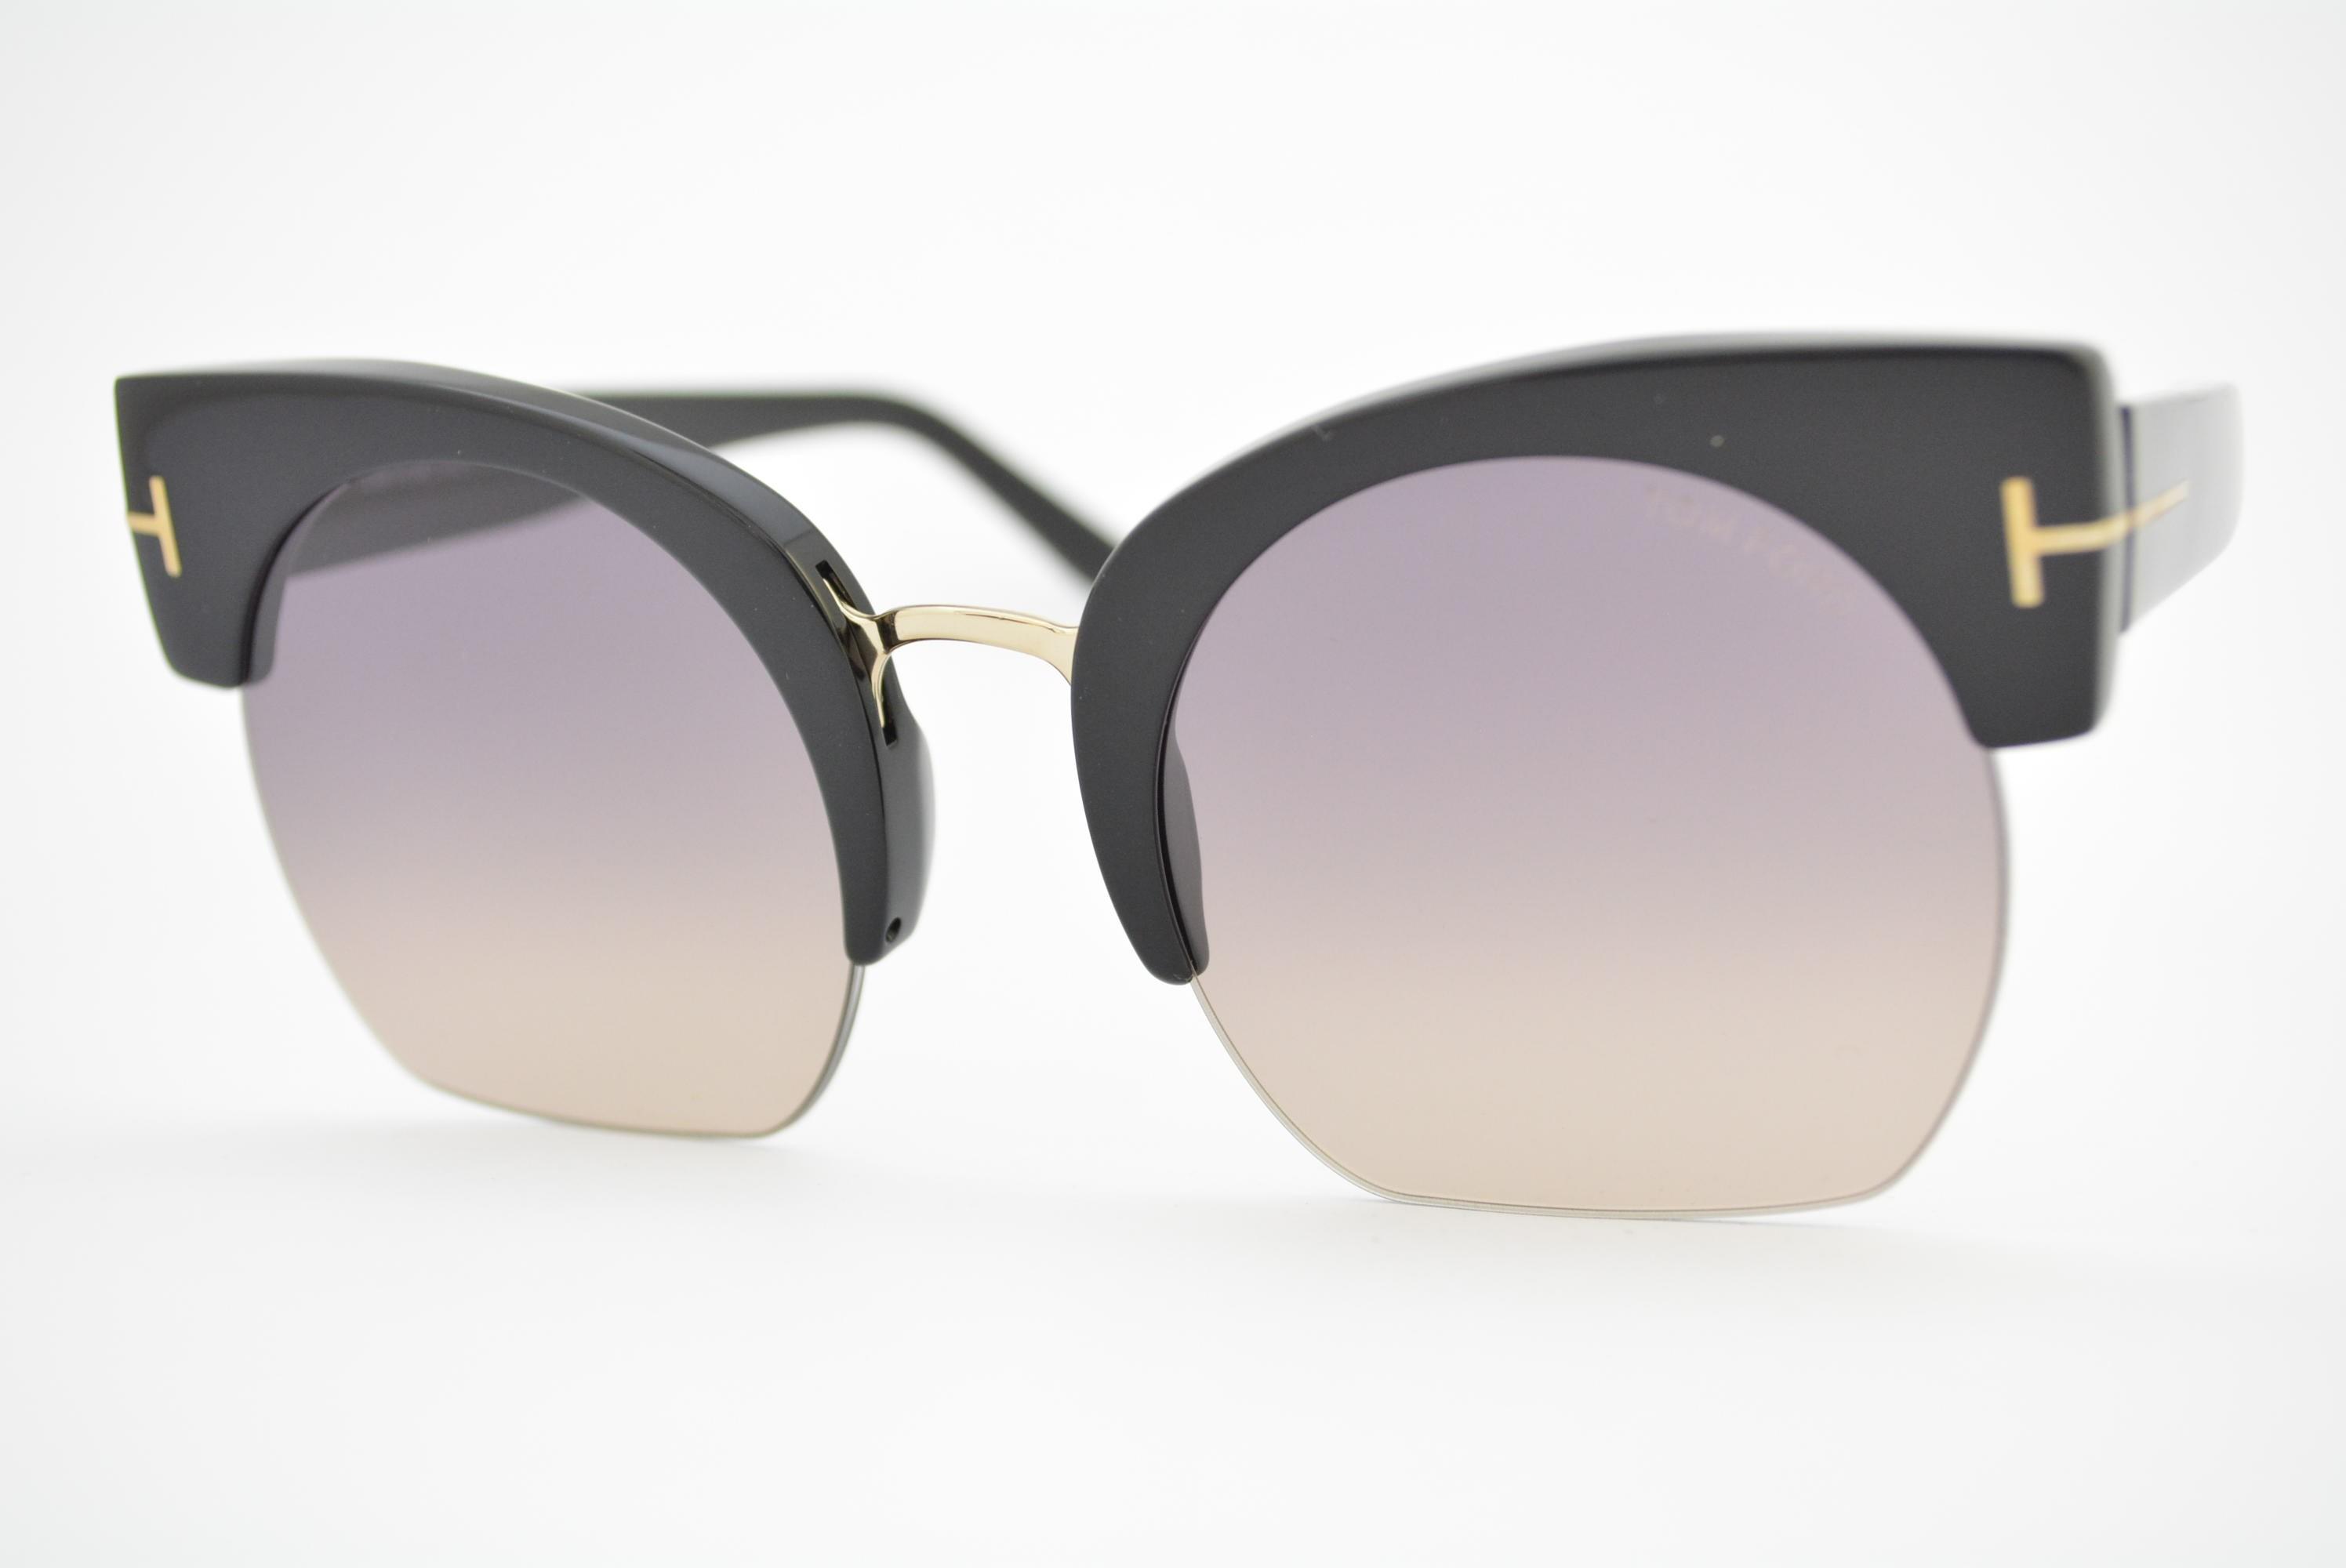 55ef2ede0e541 óculos de sol Tom Ford mod Savannah-02 TF552 01B Ótica Cardoso